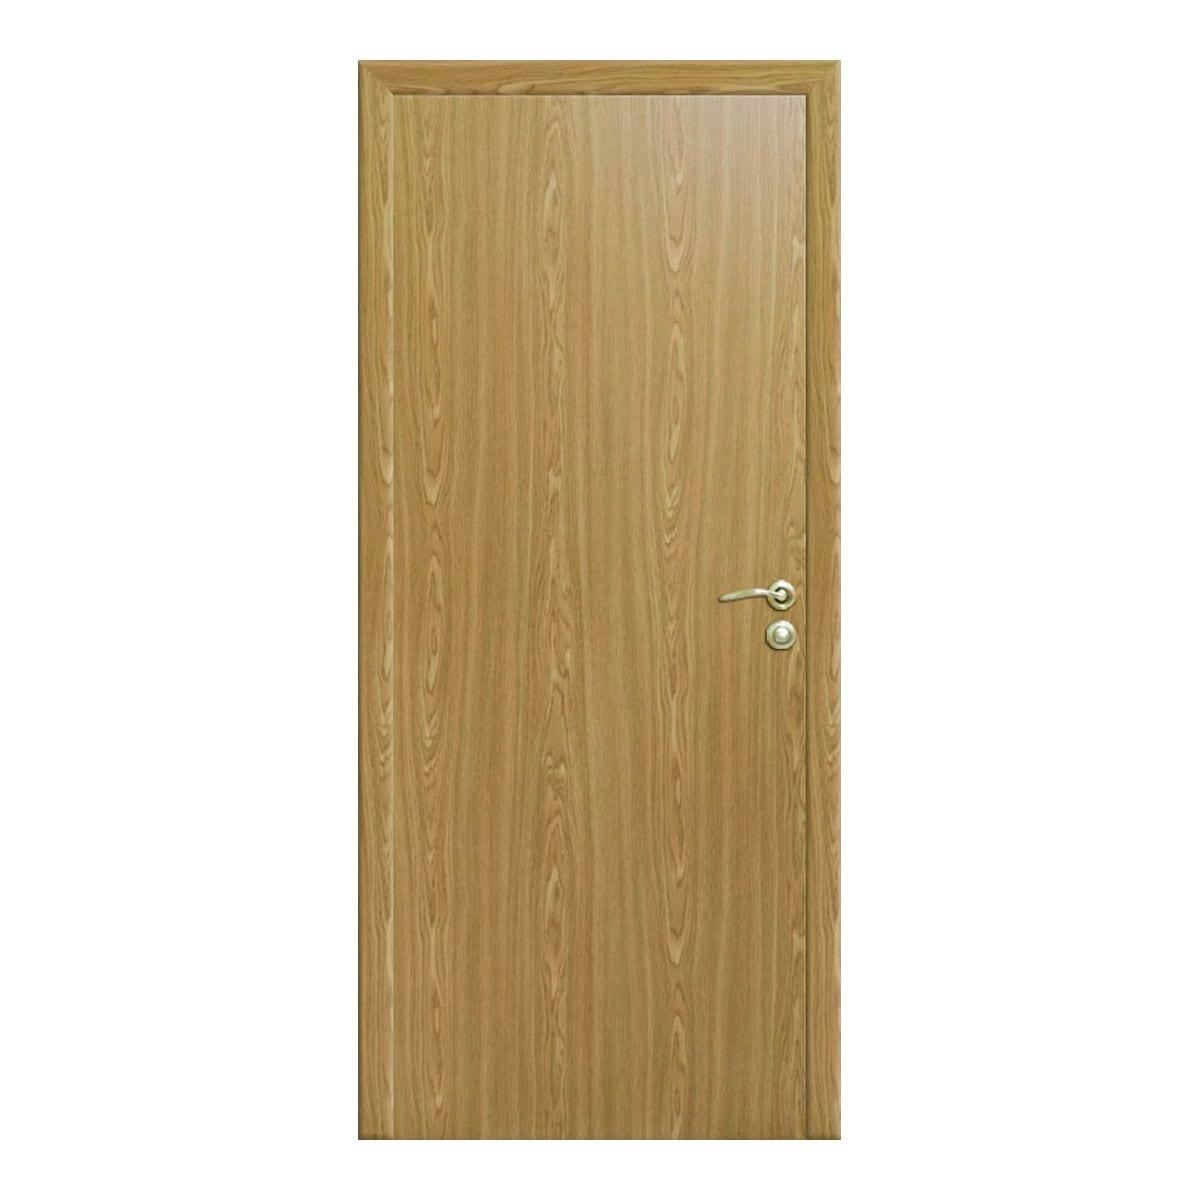 Дверной блок D.Craft 2100*700 ответка*800 ДУБ